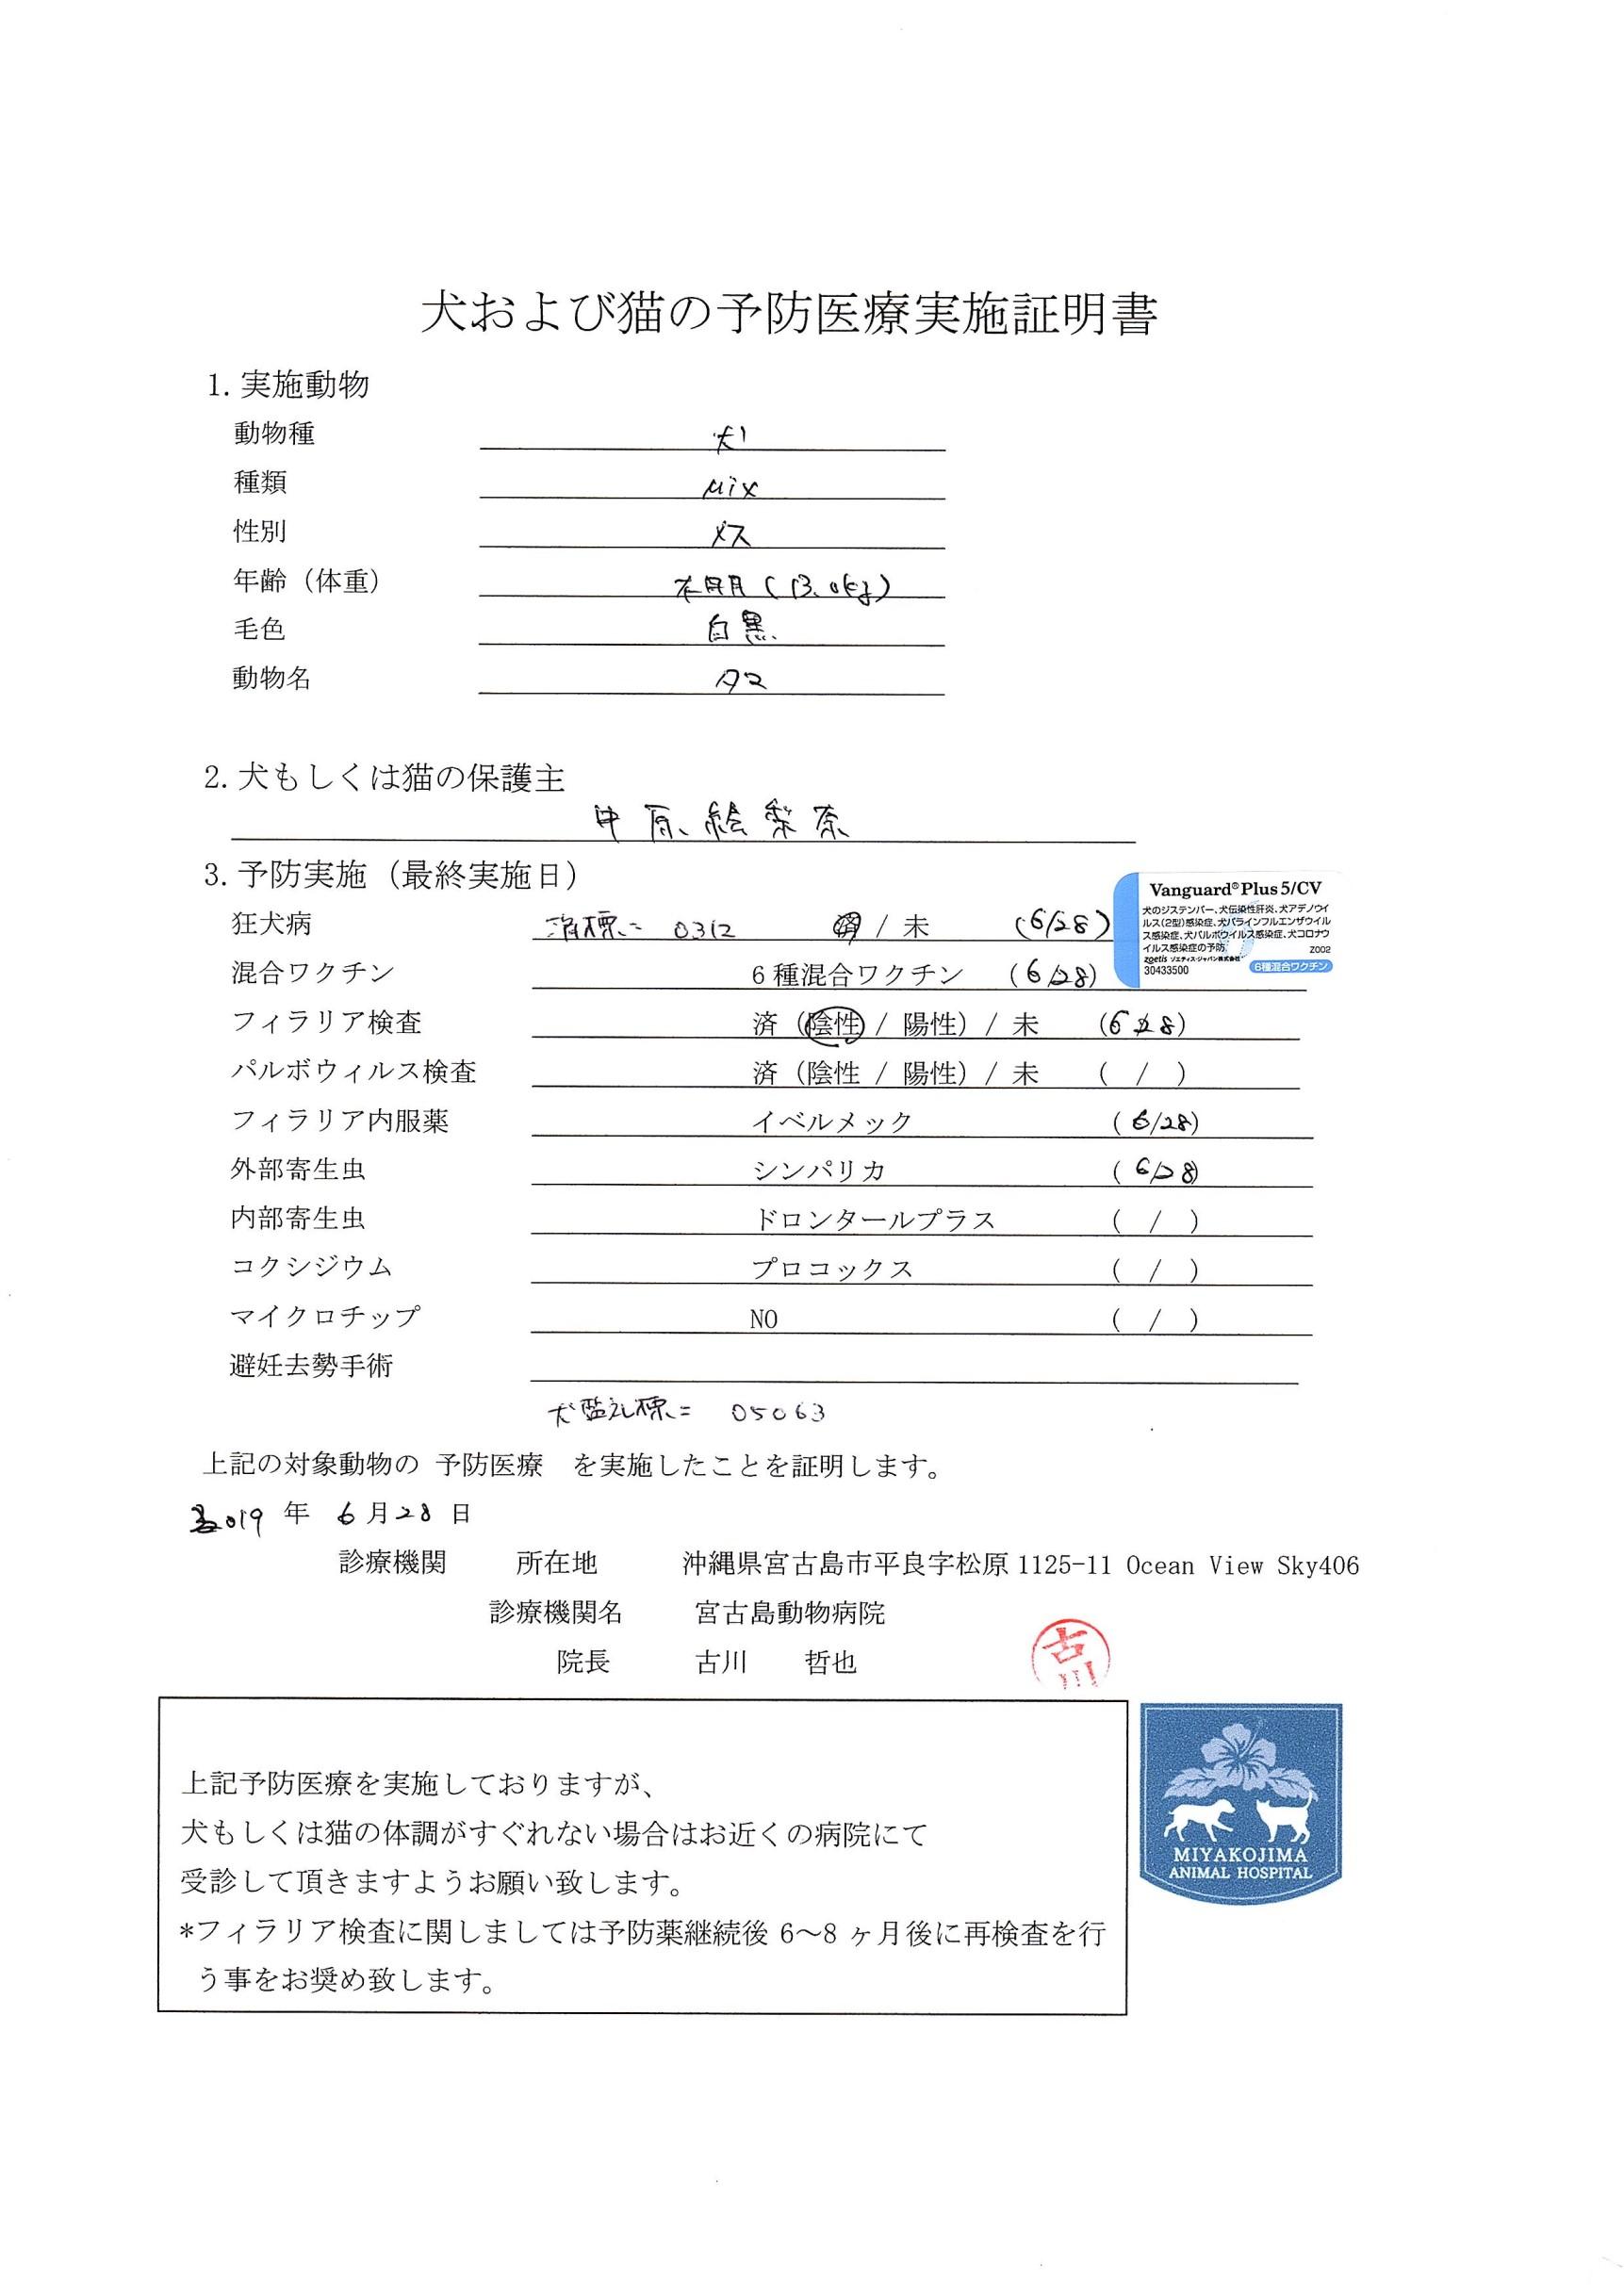 タマ予防医療実施証明書